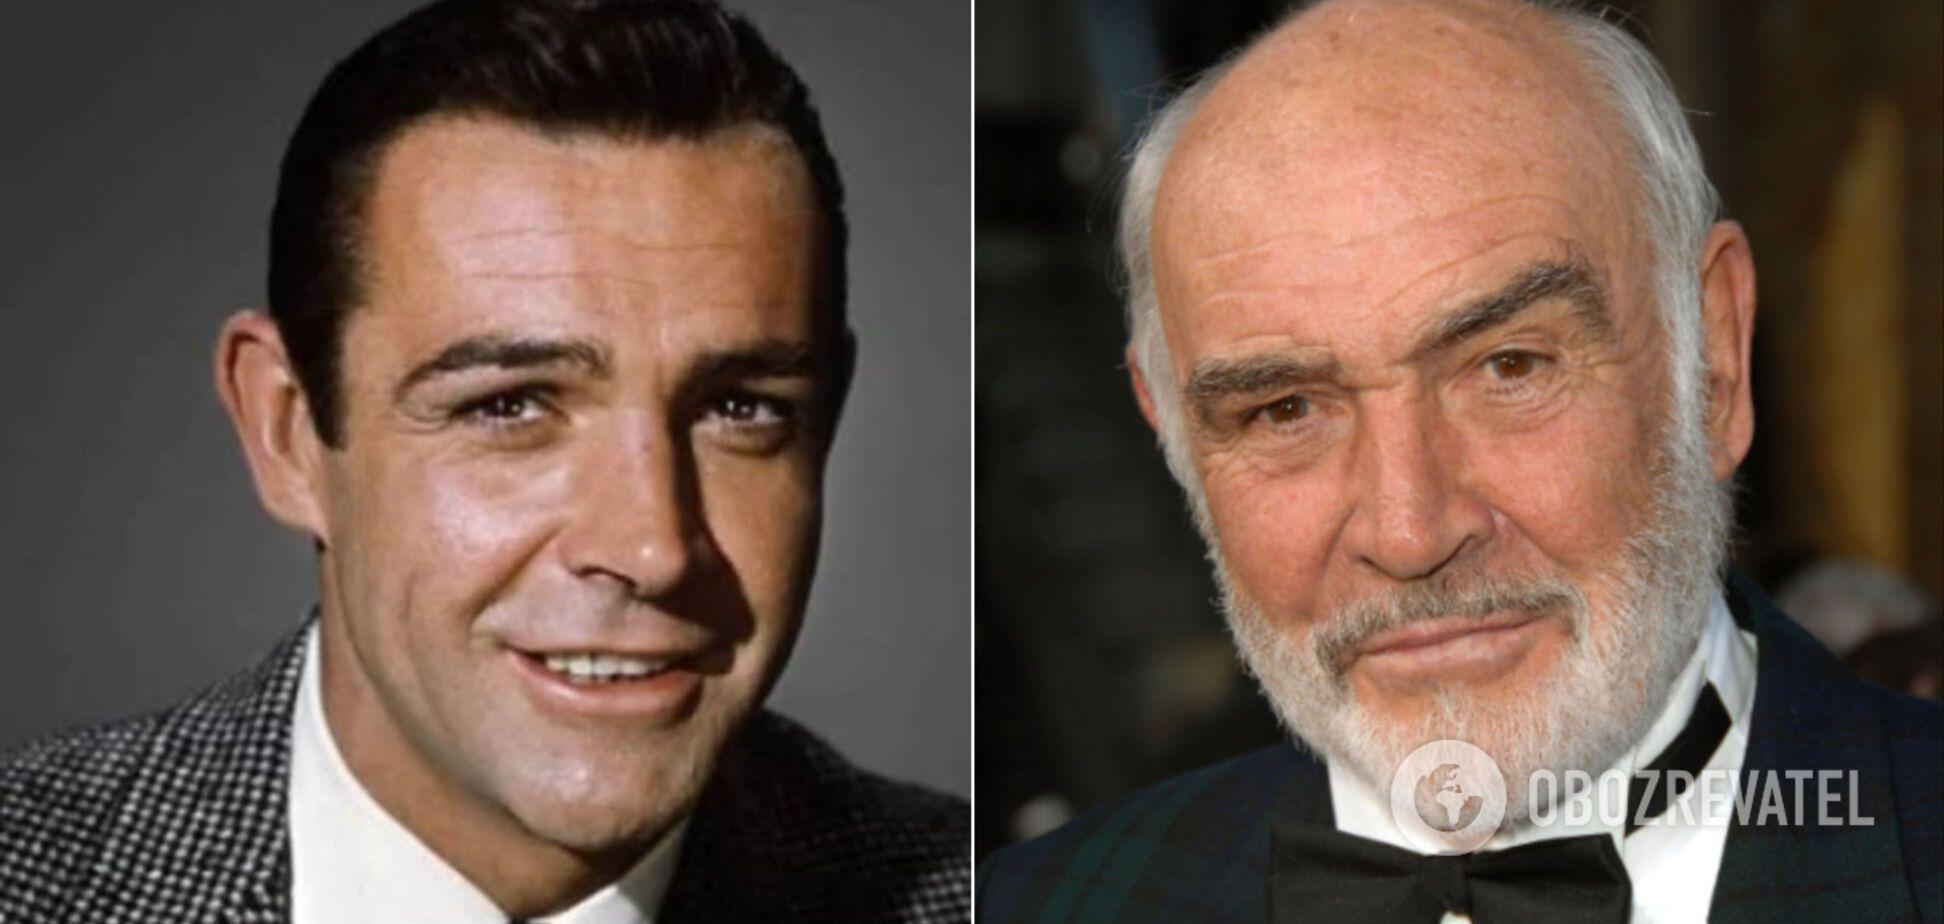 Как сегодня выглядят актеры-сердцееды прошлых лет: фото до и после